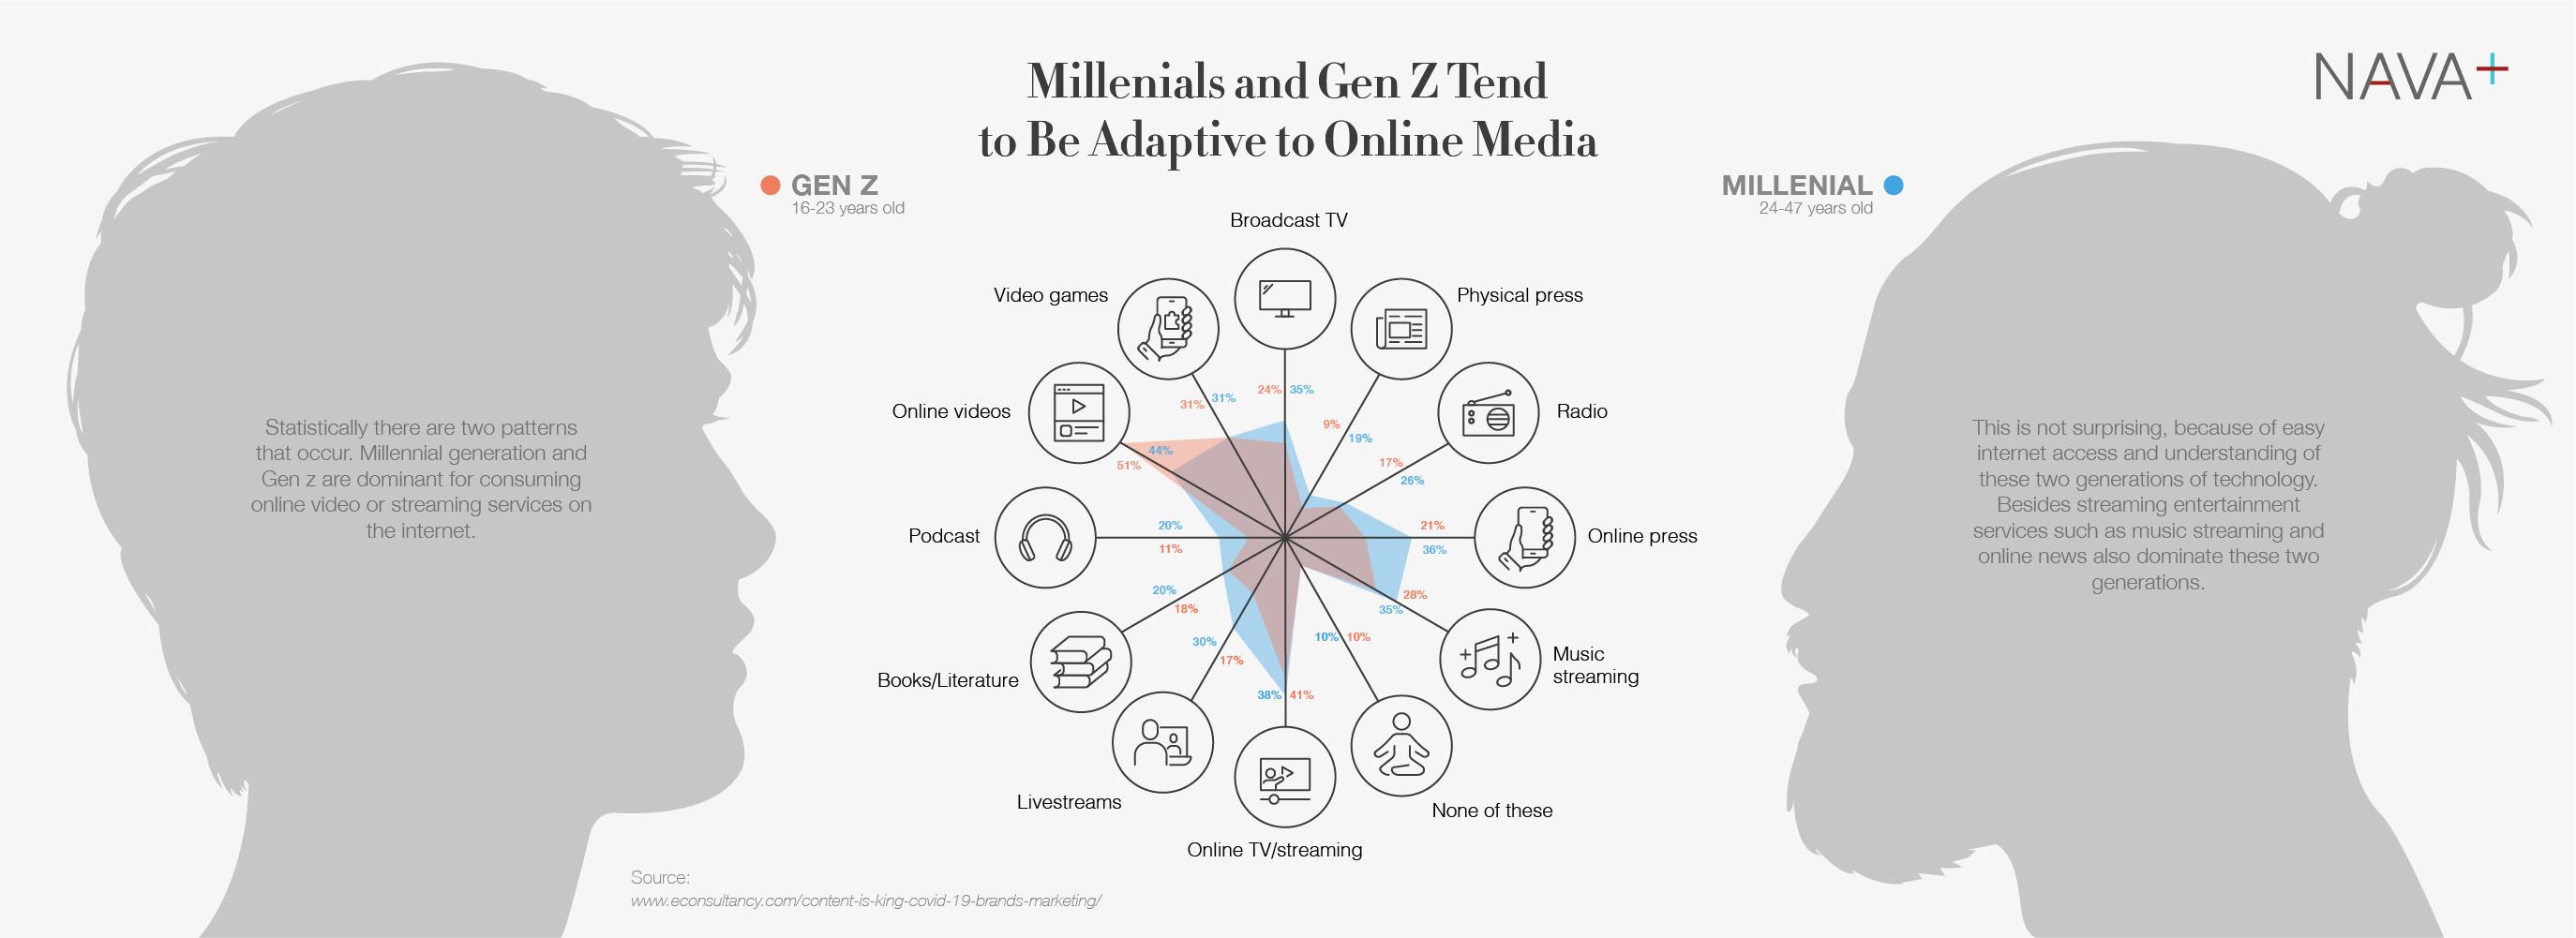 social media consumption on Gen Z and Millenials